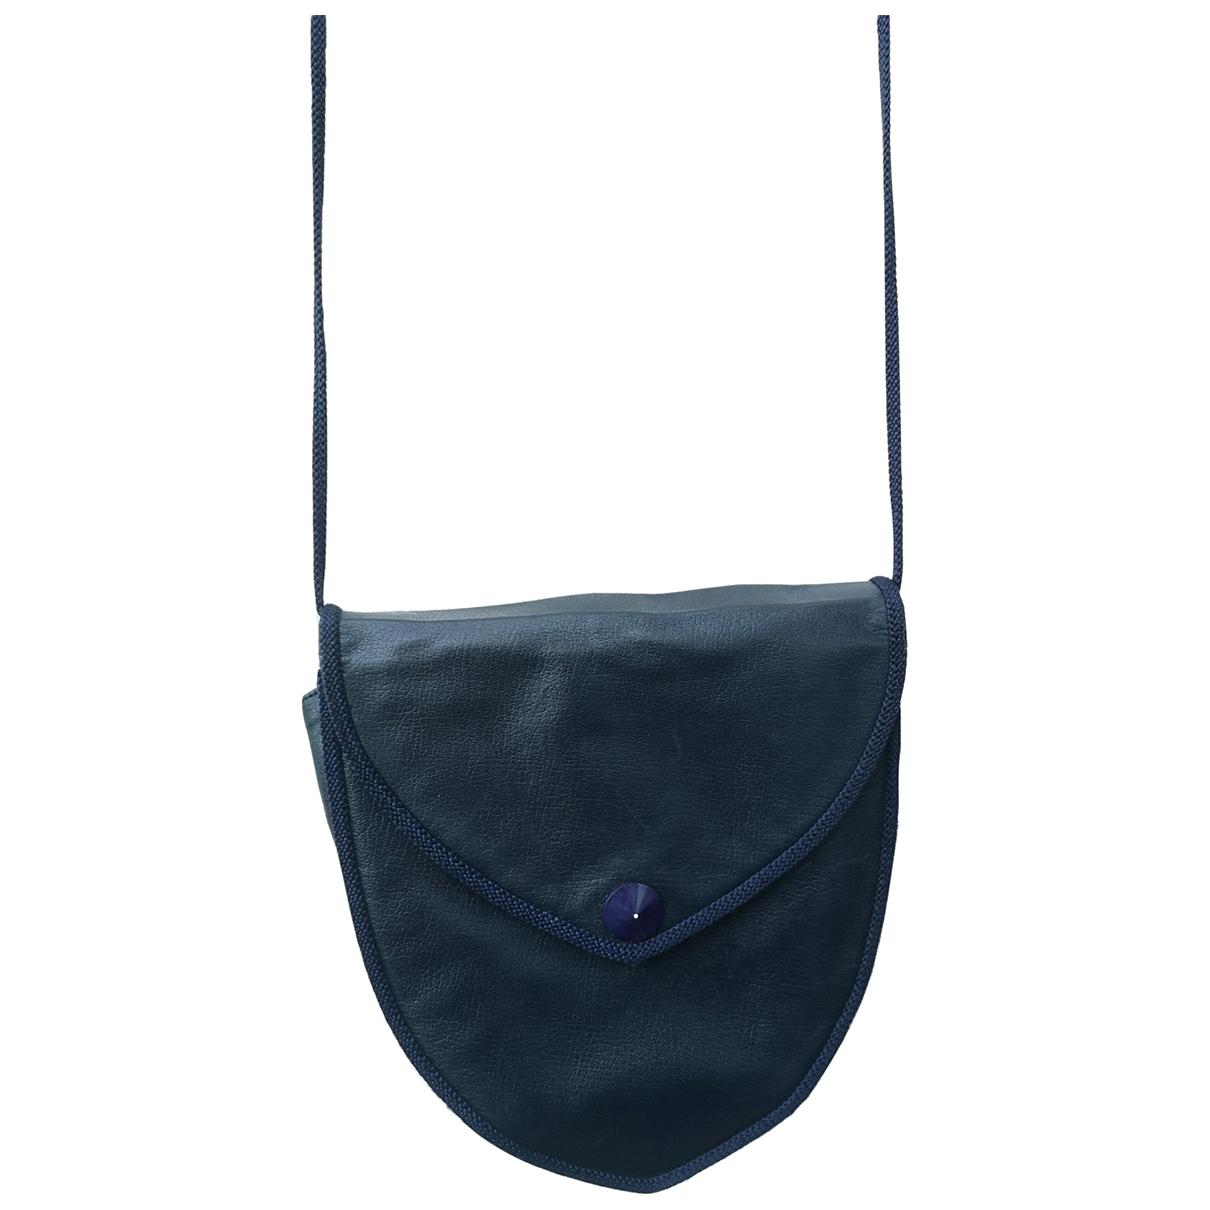 Yves Saint Laurent N Navy Leather handbag for Women N